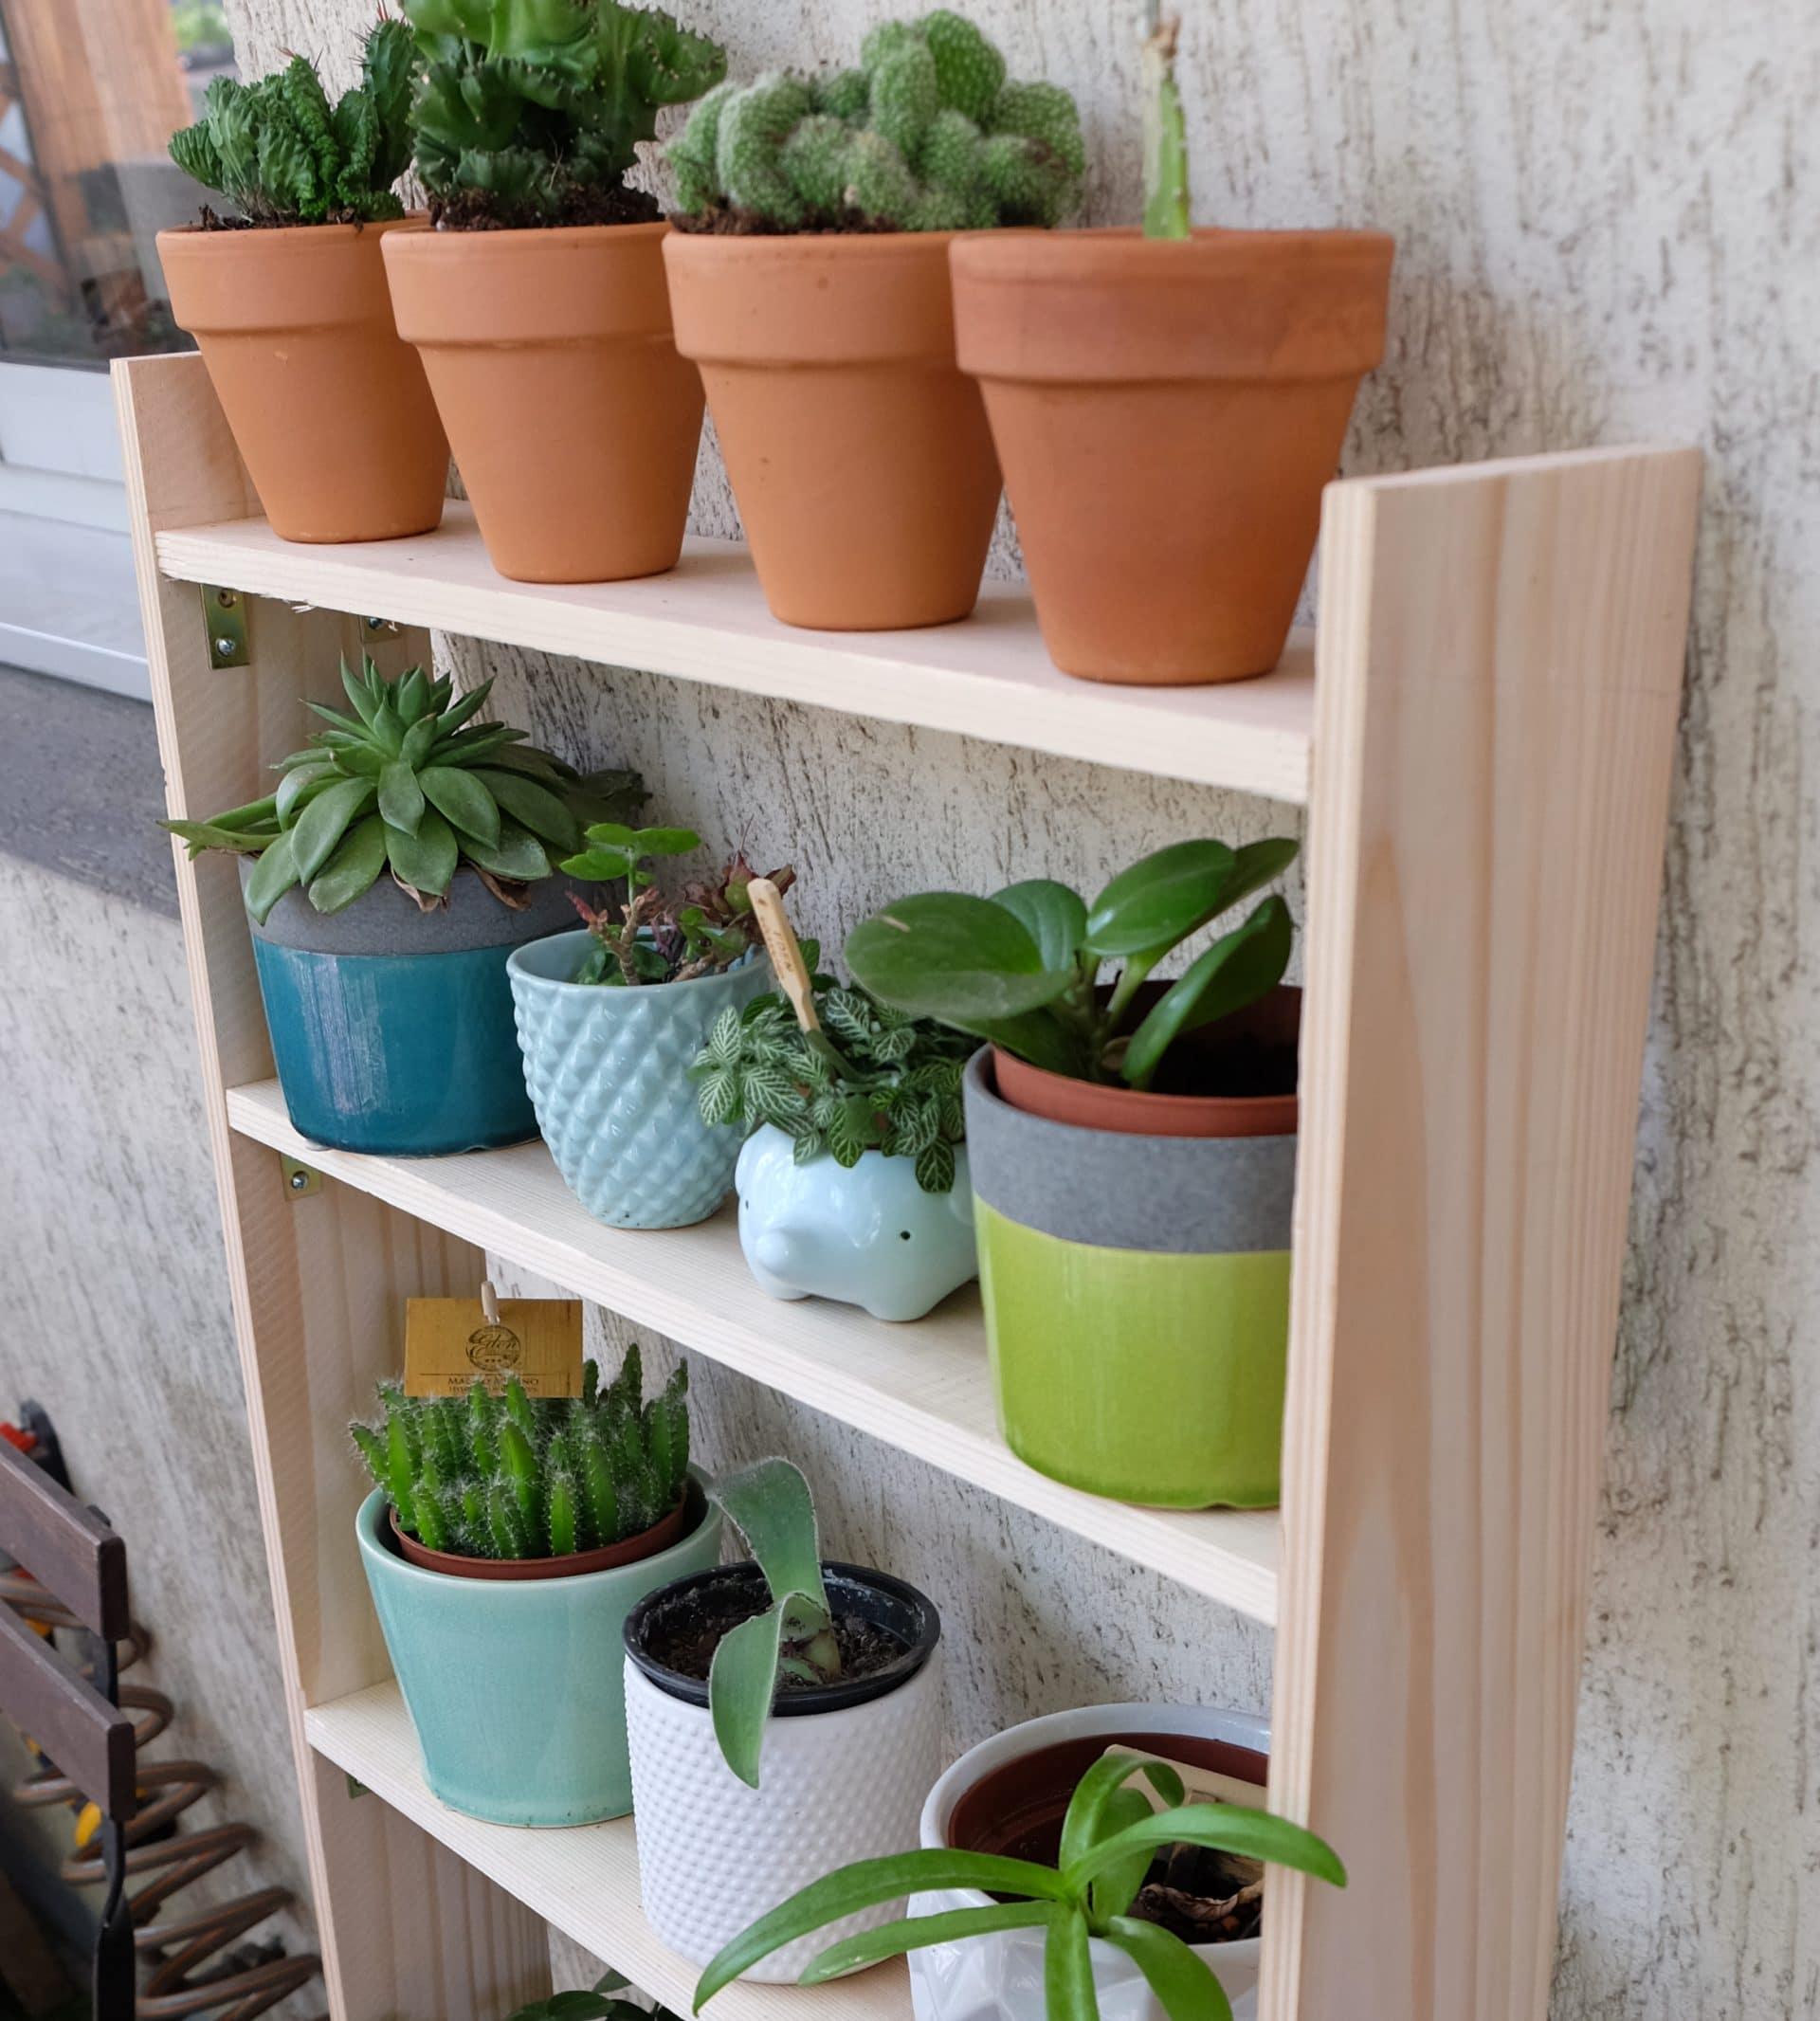 Fabriquer Une Étagère Pour Plantes fabriquer une étagère à plantes pour un balcon étroit - la